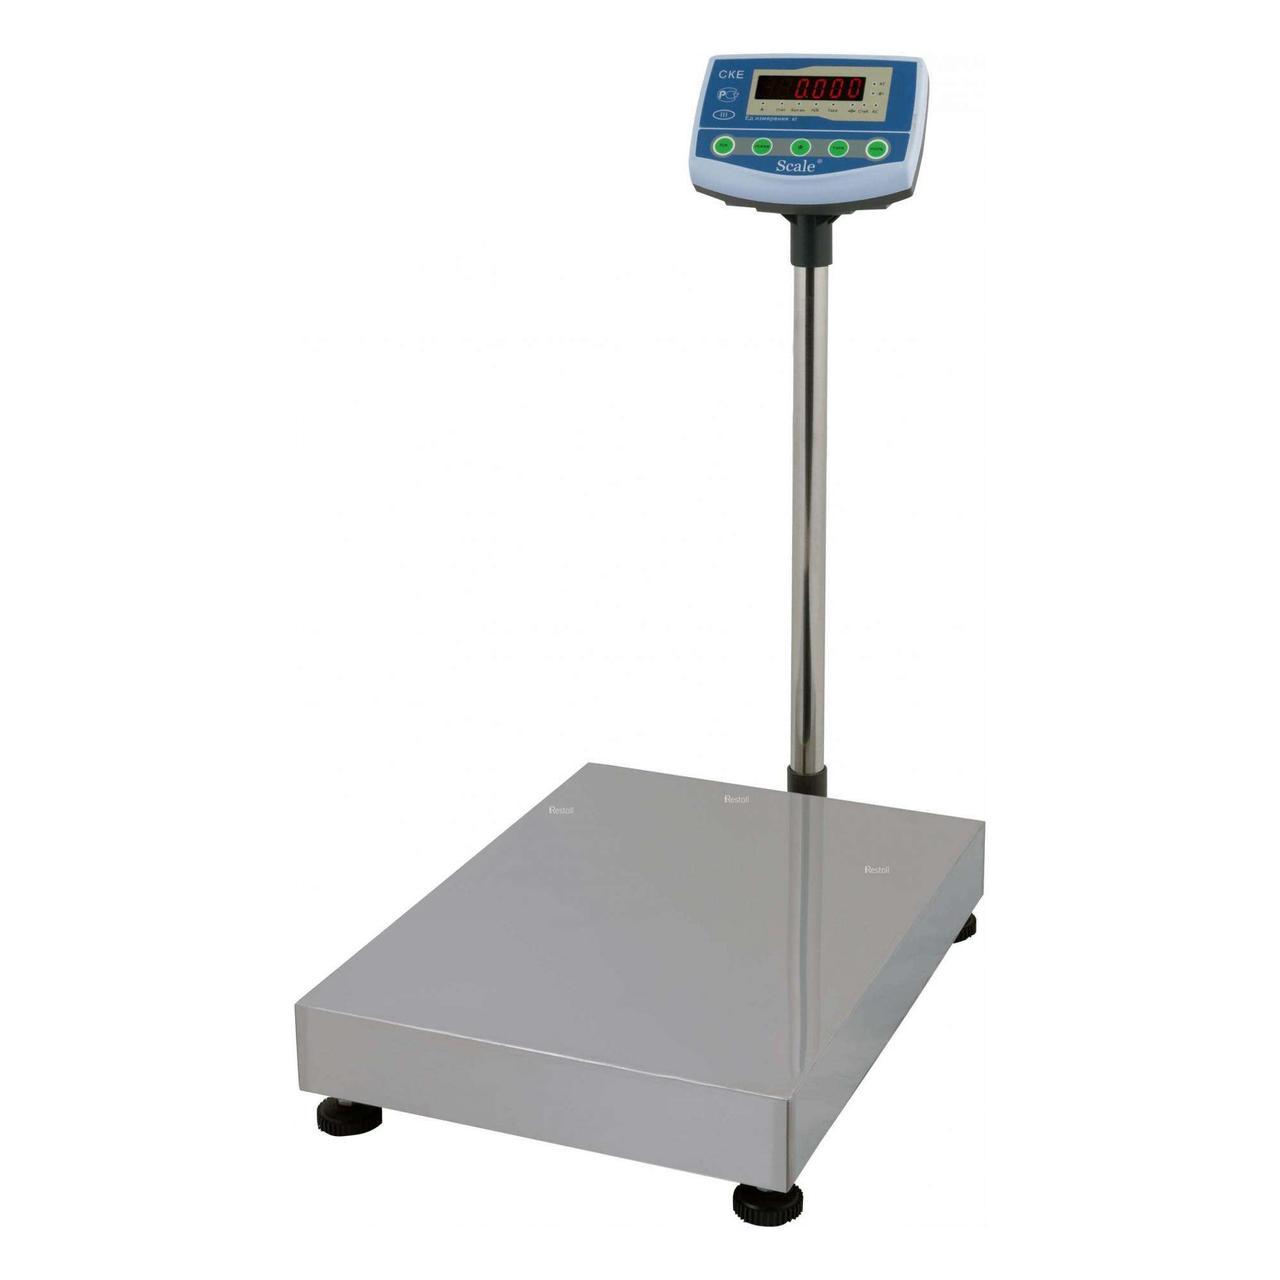 Весы напольные Scale СКЕ-300-6080 RS